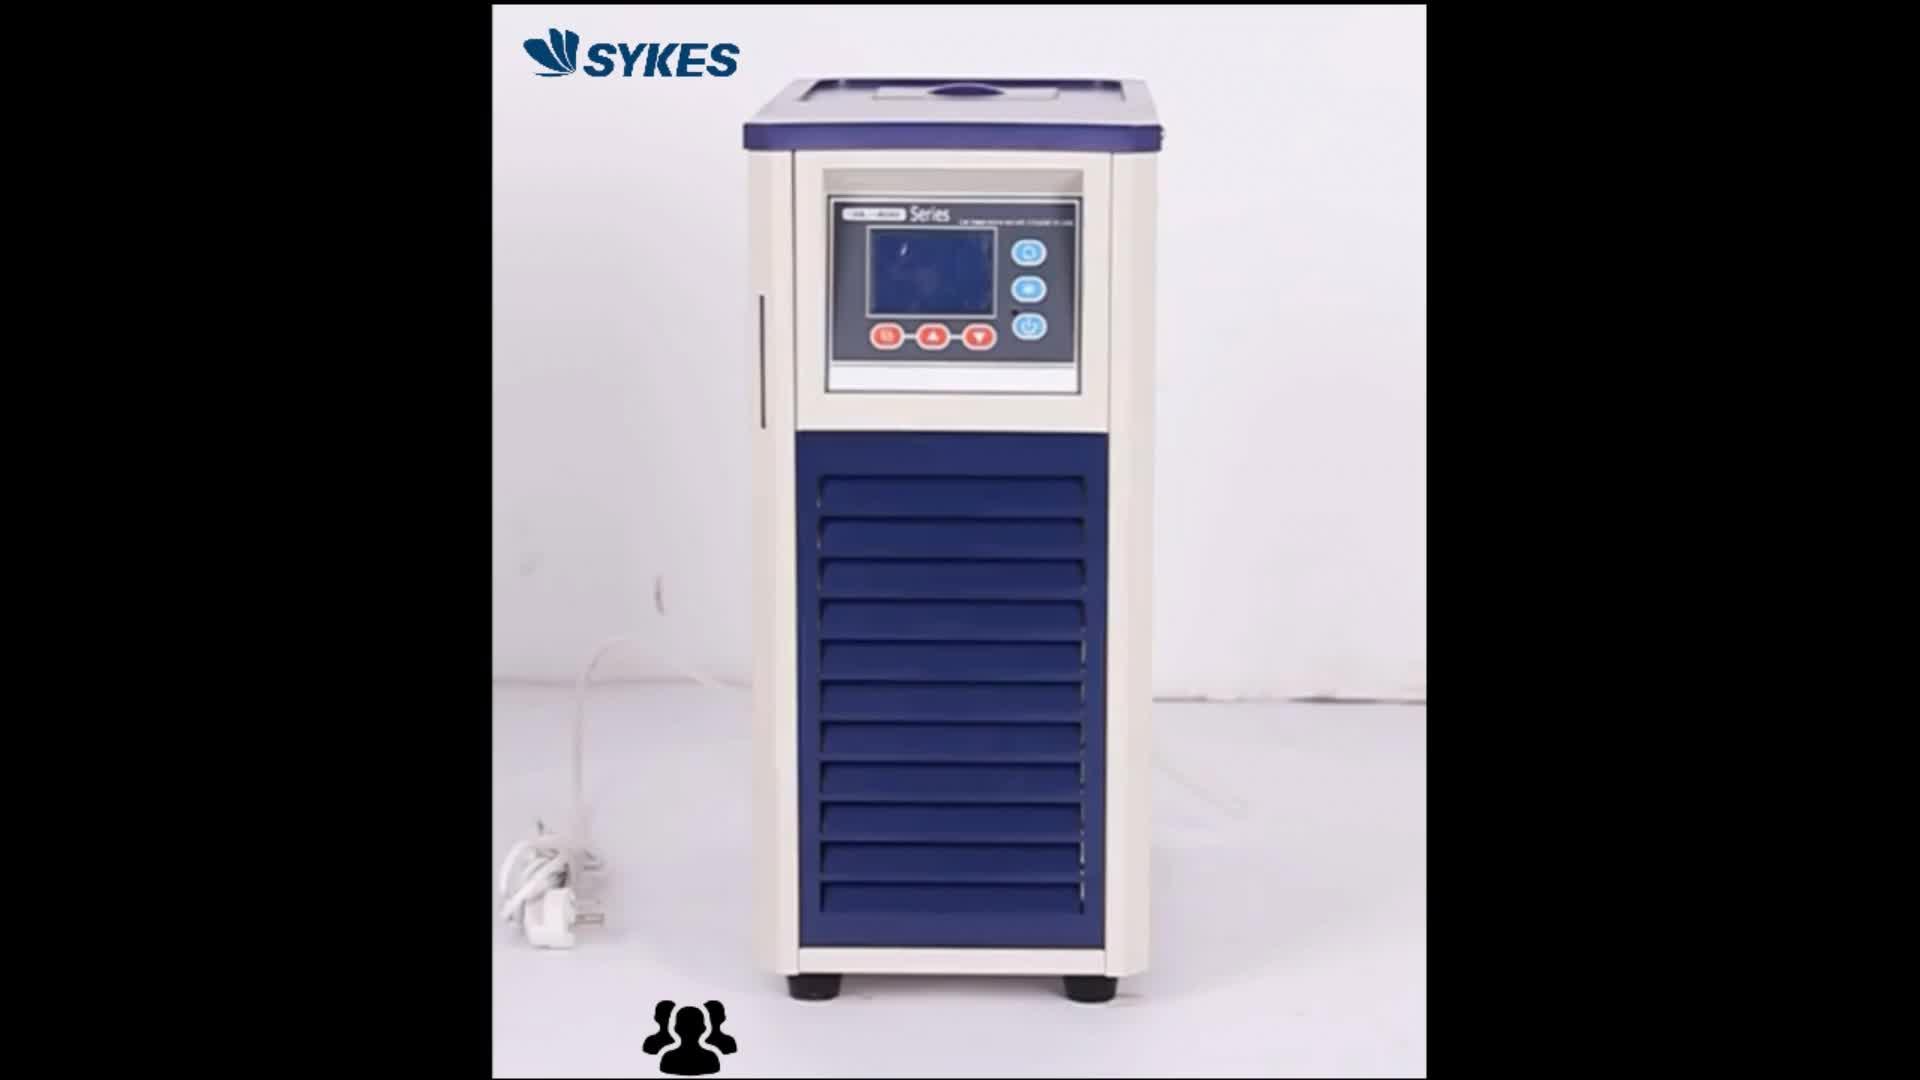 - 15 องศาอุณหภูมิห้อง 3L เดสก์ท็อป Mini Lab Air Cooled รีไซเคิล Chiller สำหรับหมุนขนาดเล็กระเหย